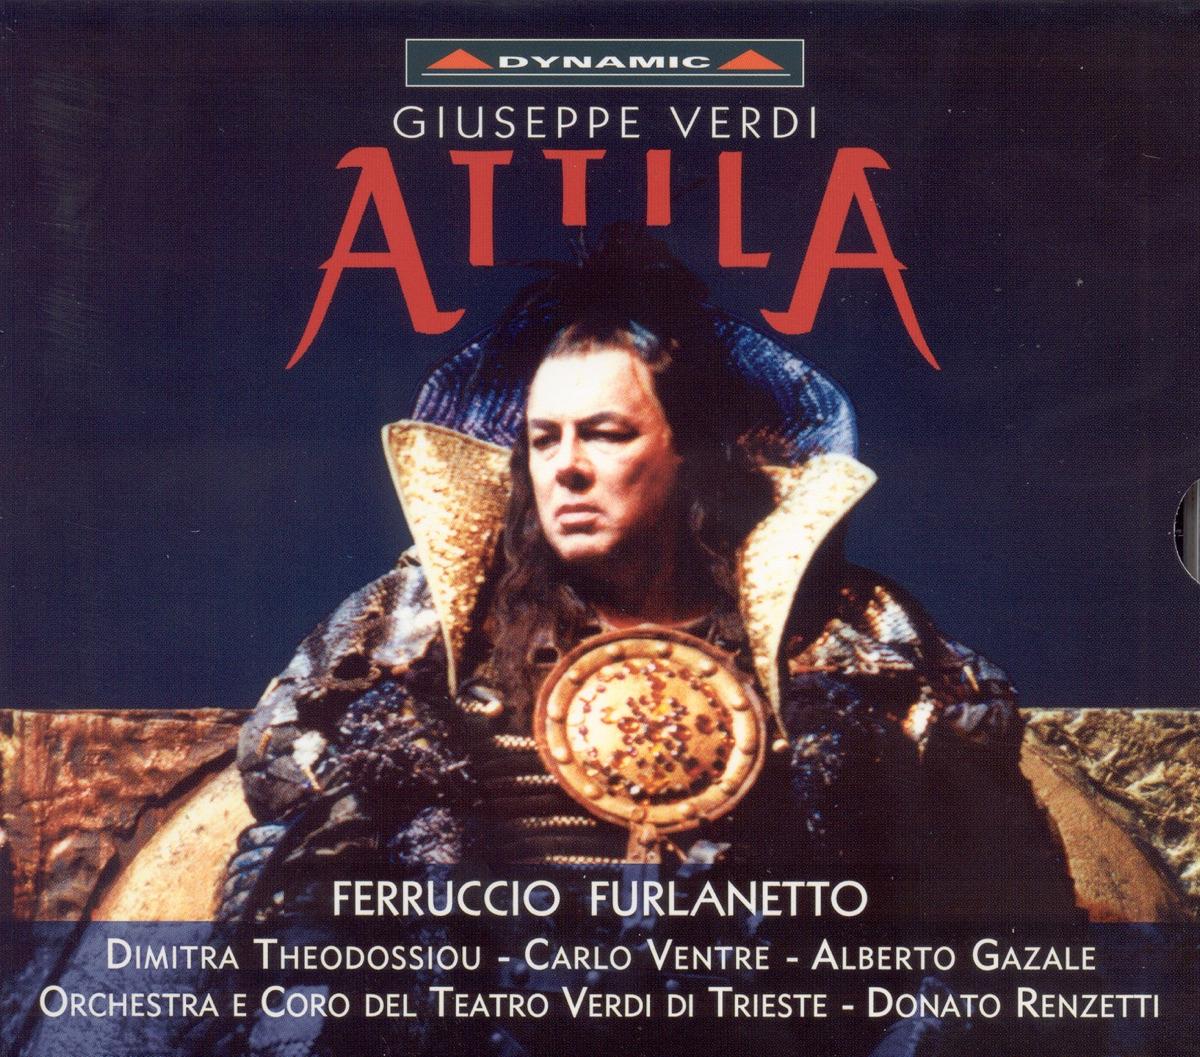 Verdi Attila Ferruccio Furlanetto Alessandro Cosentino Donato Renzetti Daniele Tonini Trieste Teatro Verdi Chorus  Trieste Teatro Verdi Orchestra CD cover